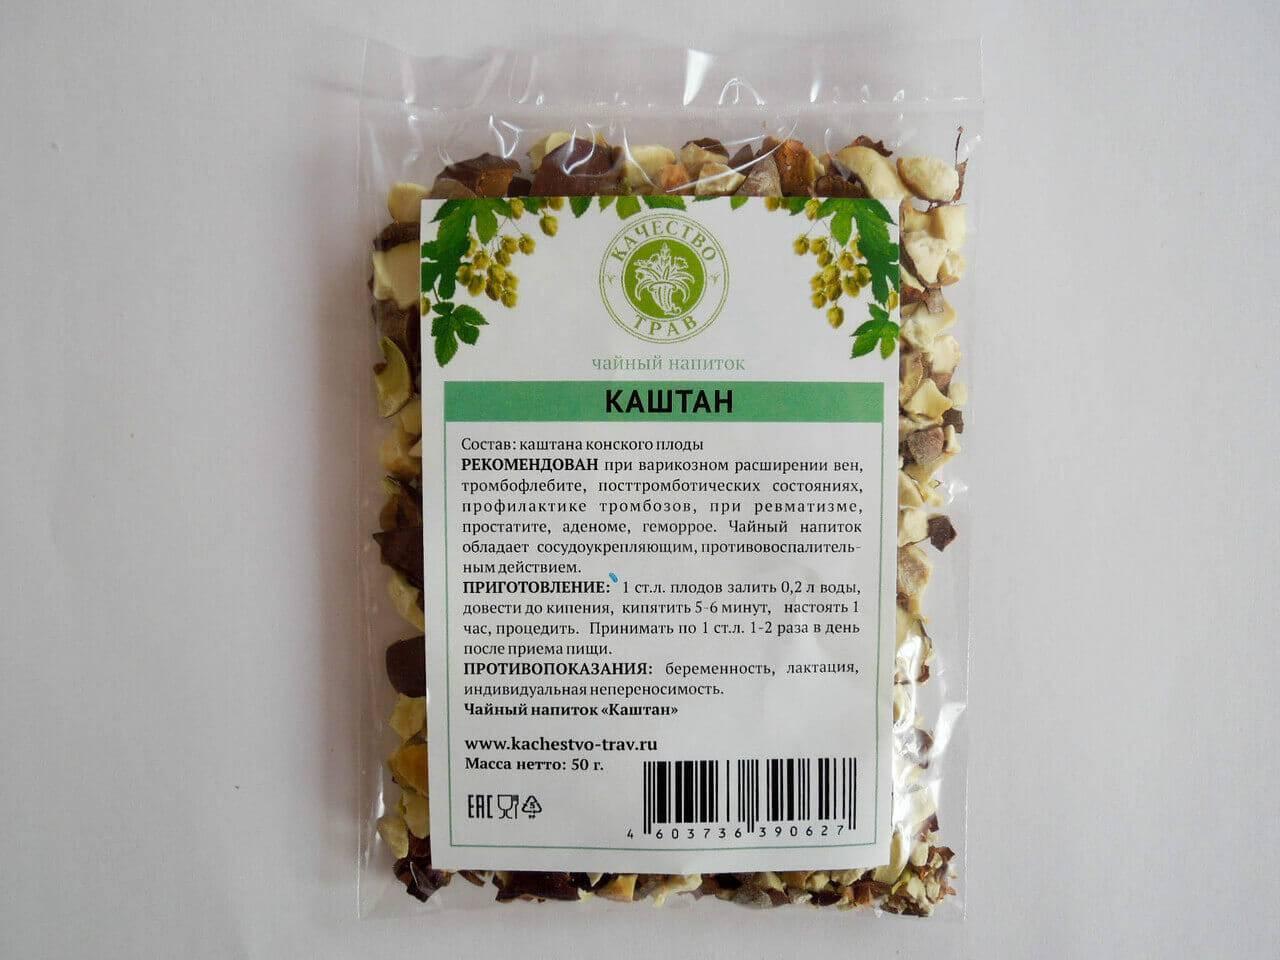 Конский каштан отварикоза— лечебные свойства, отзывы, рецепты